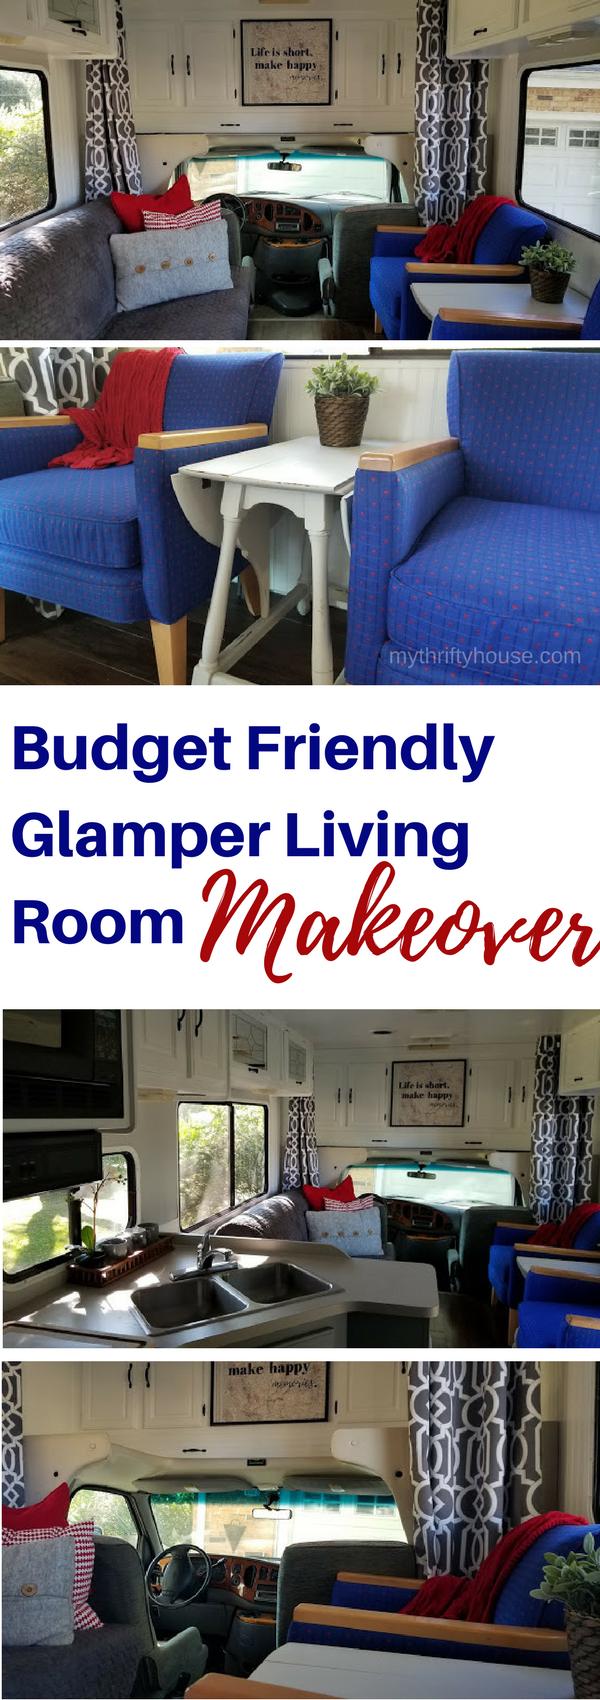 Budget Friendly Glamper Living Room Makeover